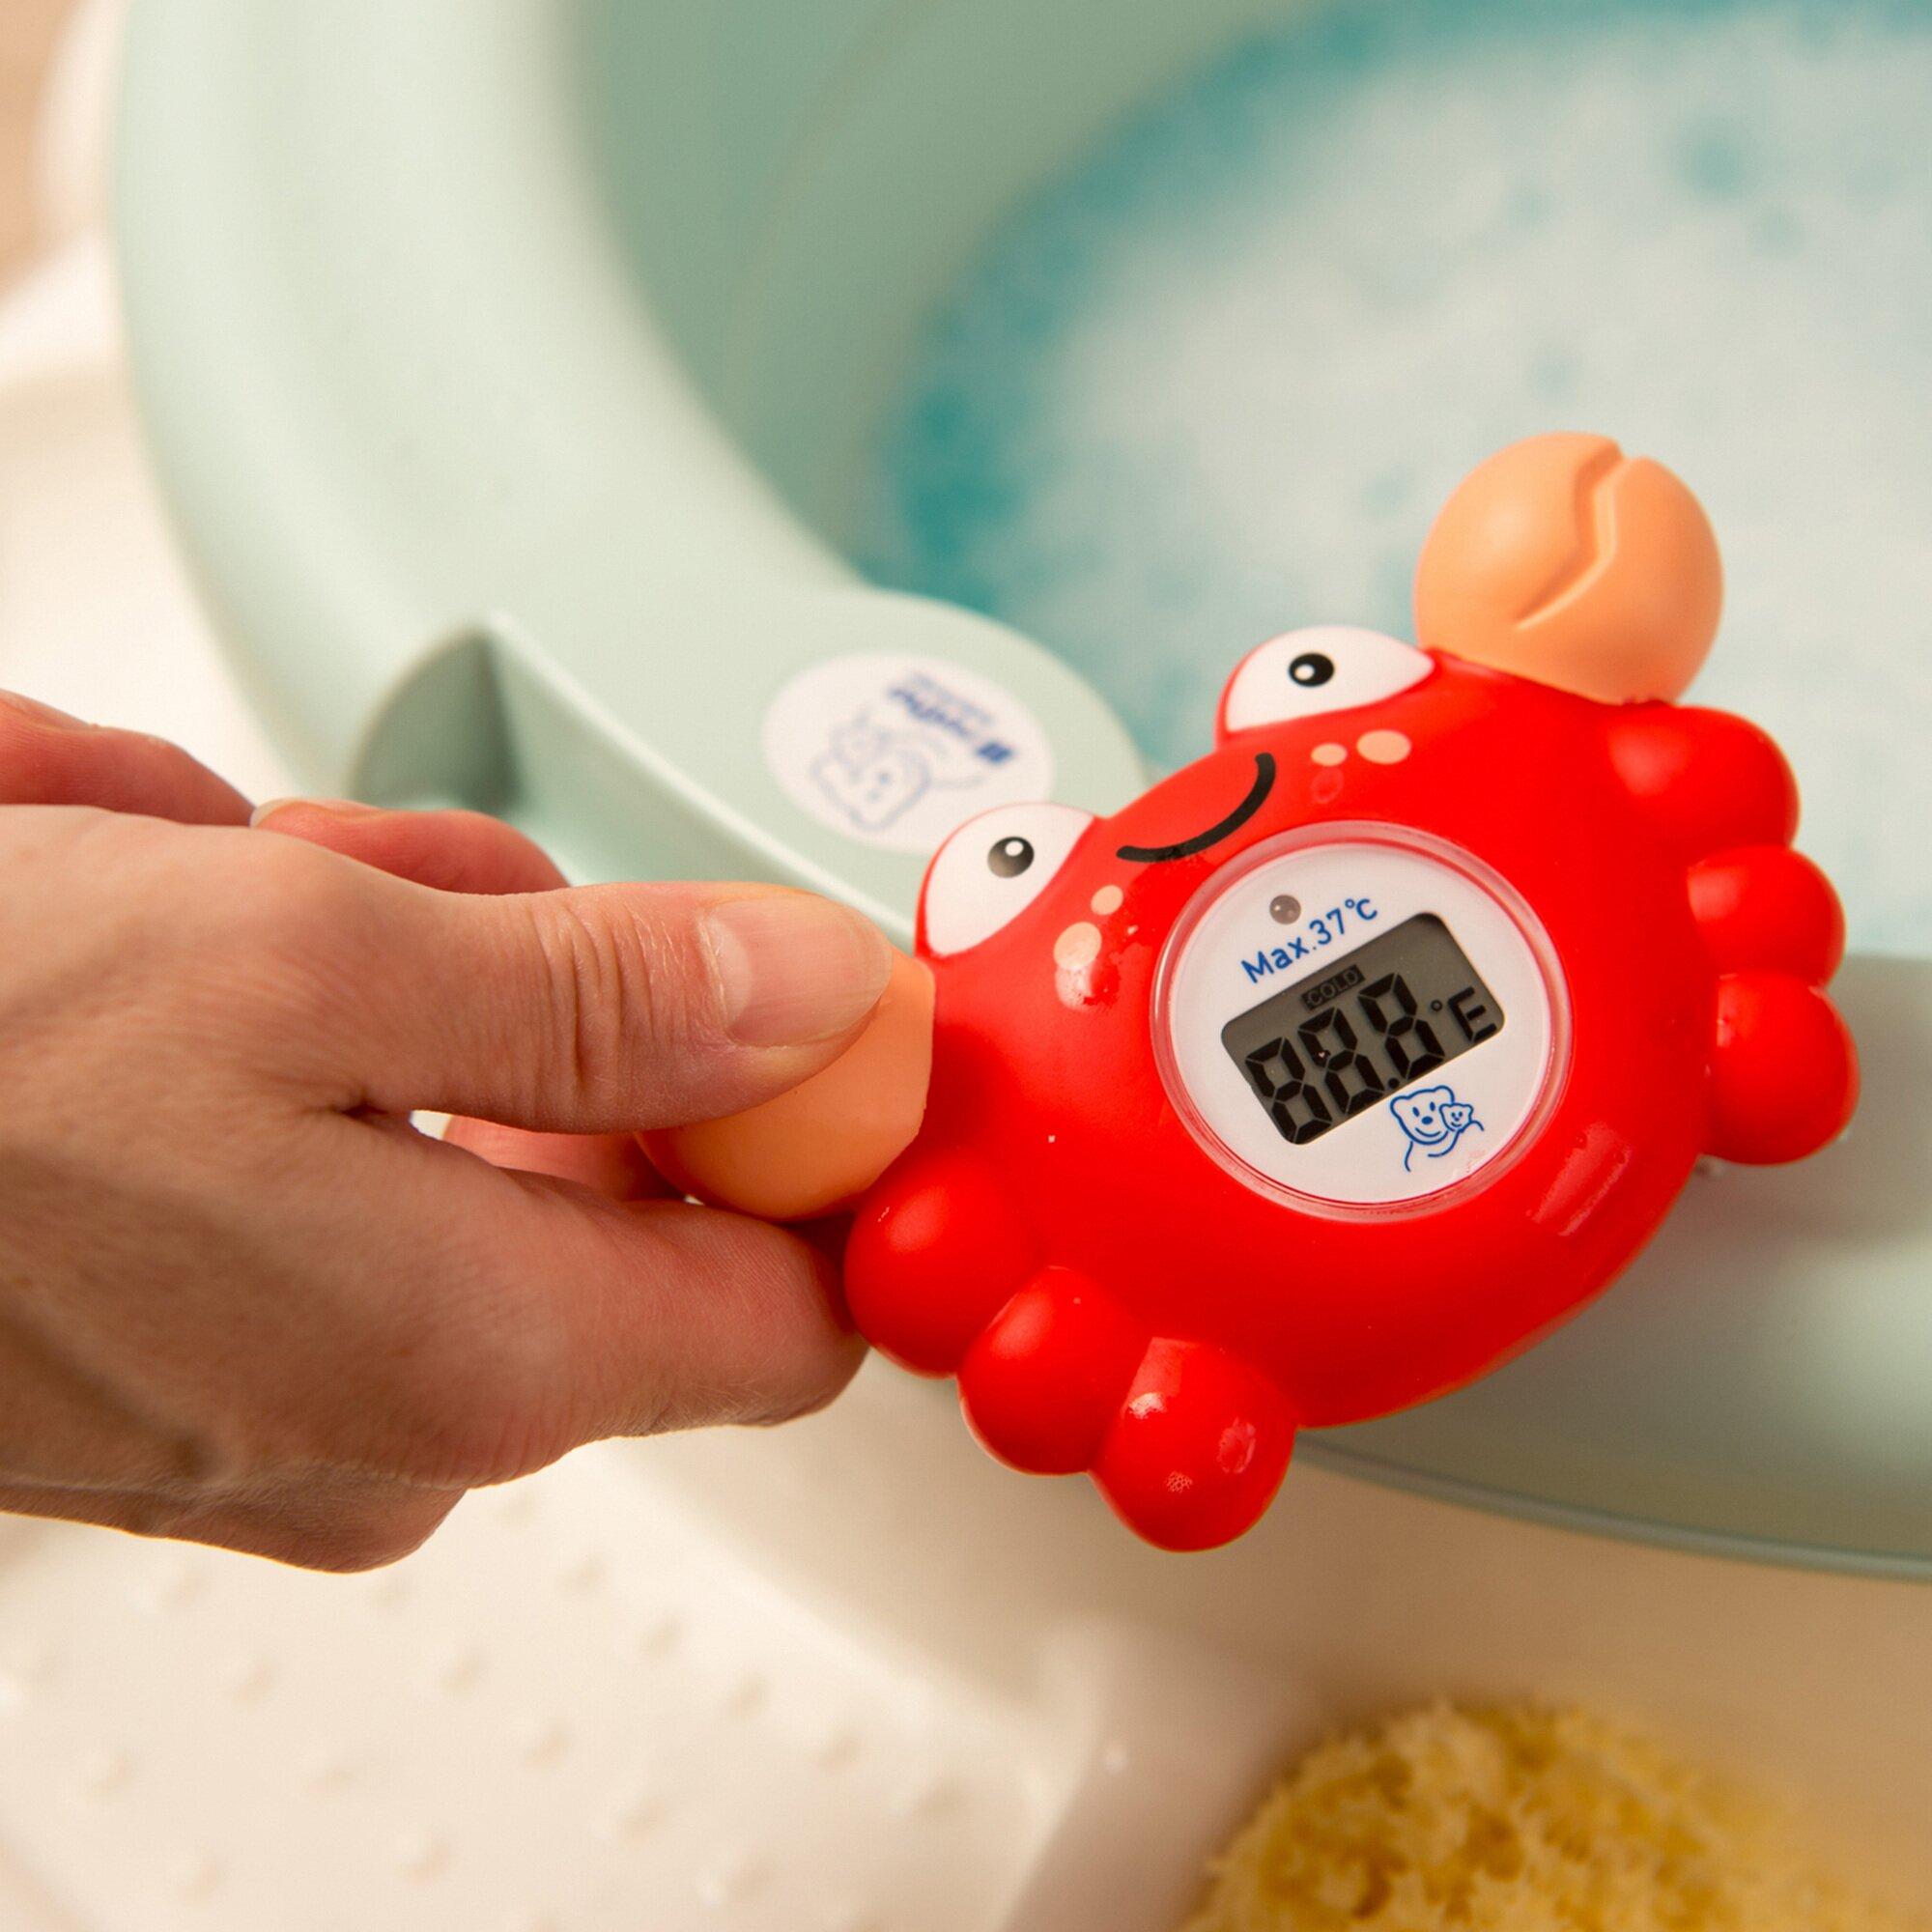 rotho-babydesign-badethermometer-krabbe